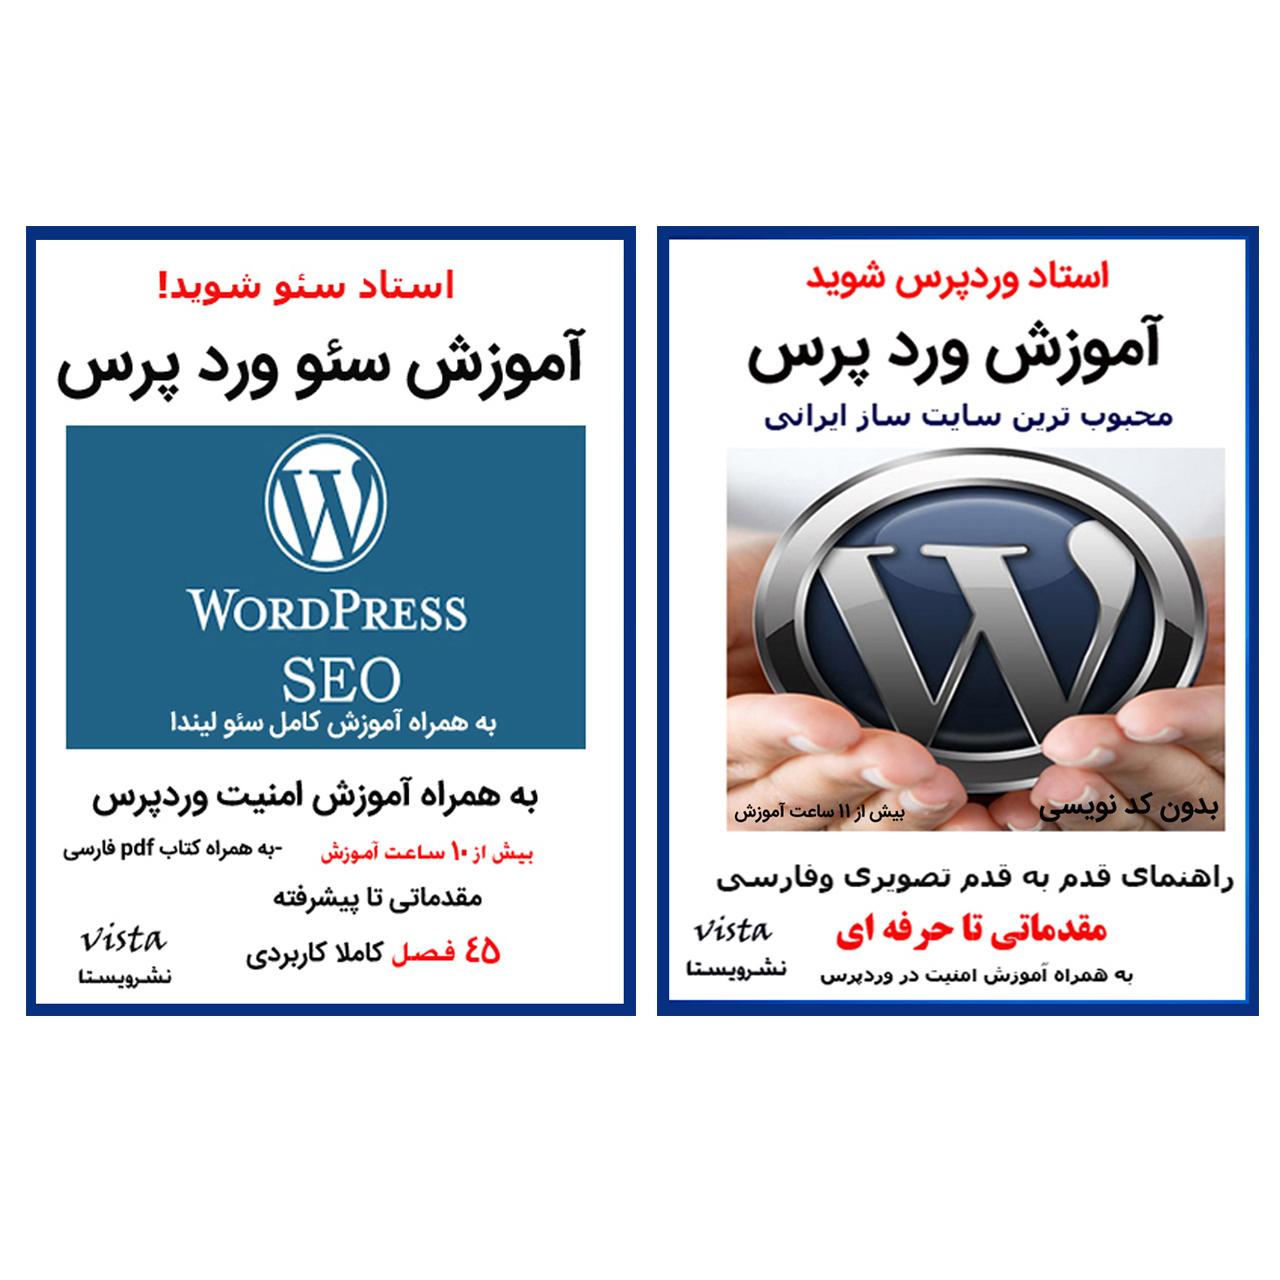 نرم افزار آموزش وردپرس نشر ویستا به همراه نرم افزار آموزش سئو نشر ویستا